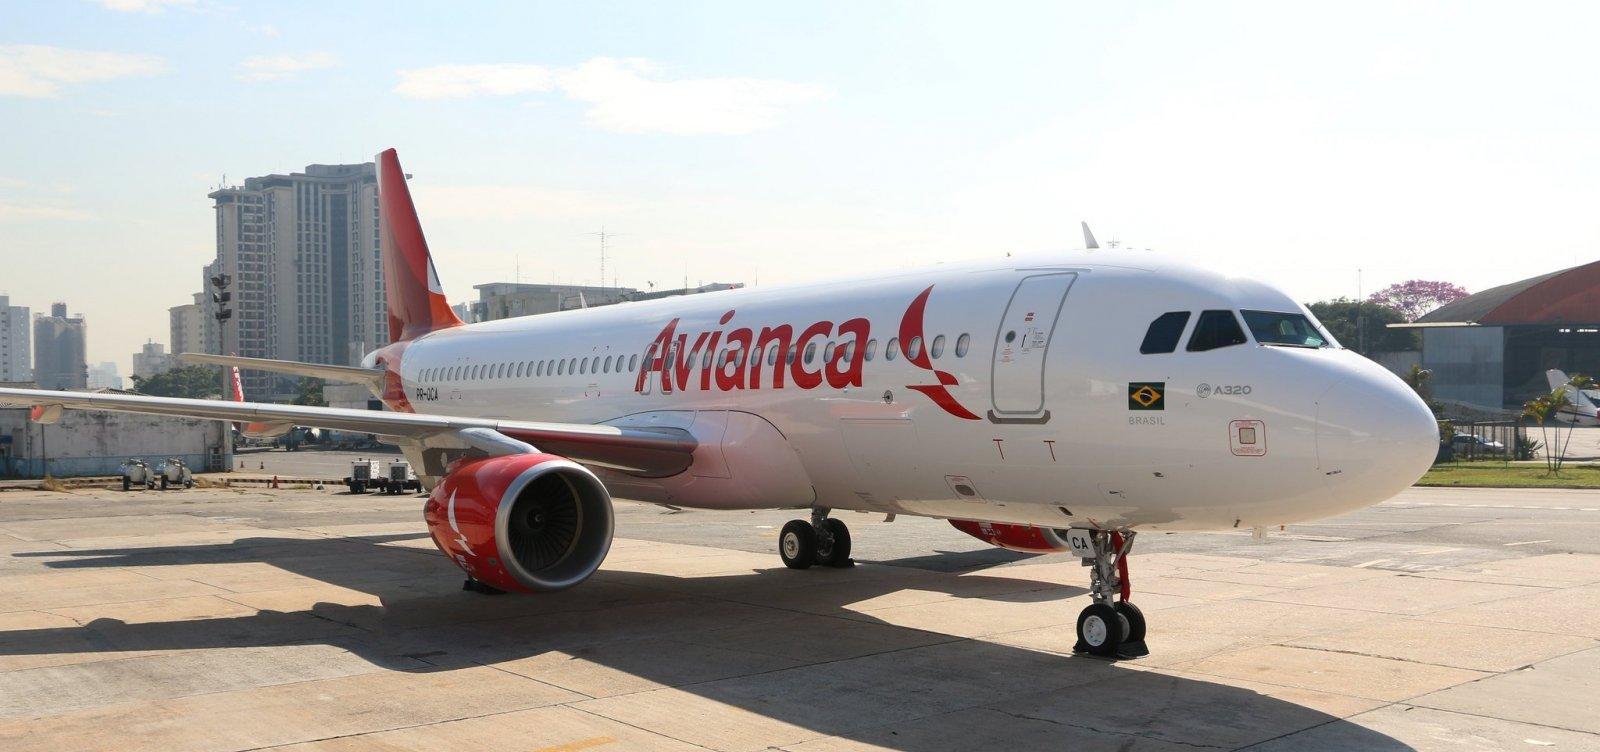 [Aeroporto de Guarulhos proíbe decolagens da Avianca por falta de pagamento]